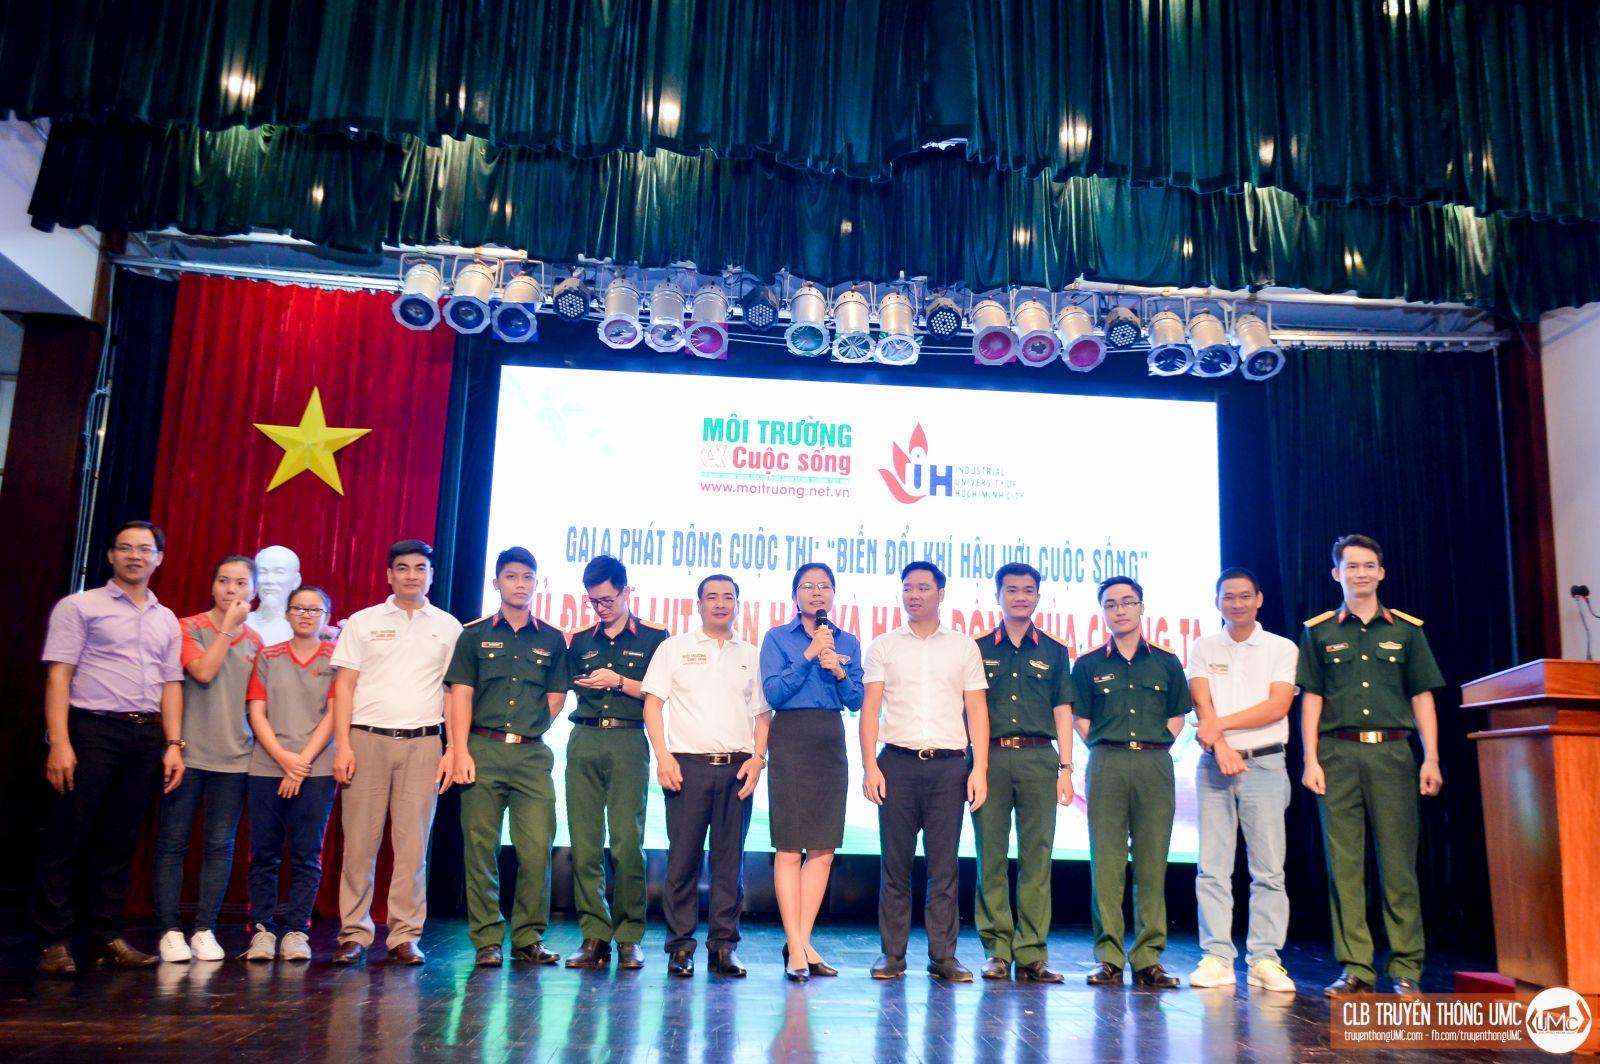 """Gala phát động cuộc thi """"Biến đổi khí hậu với cuộc sống"""" – chung tay vì một Việt Nam """"Xanh"""""""